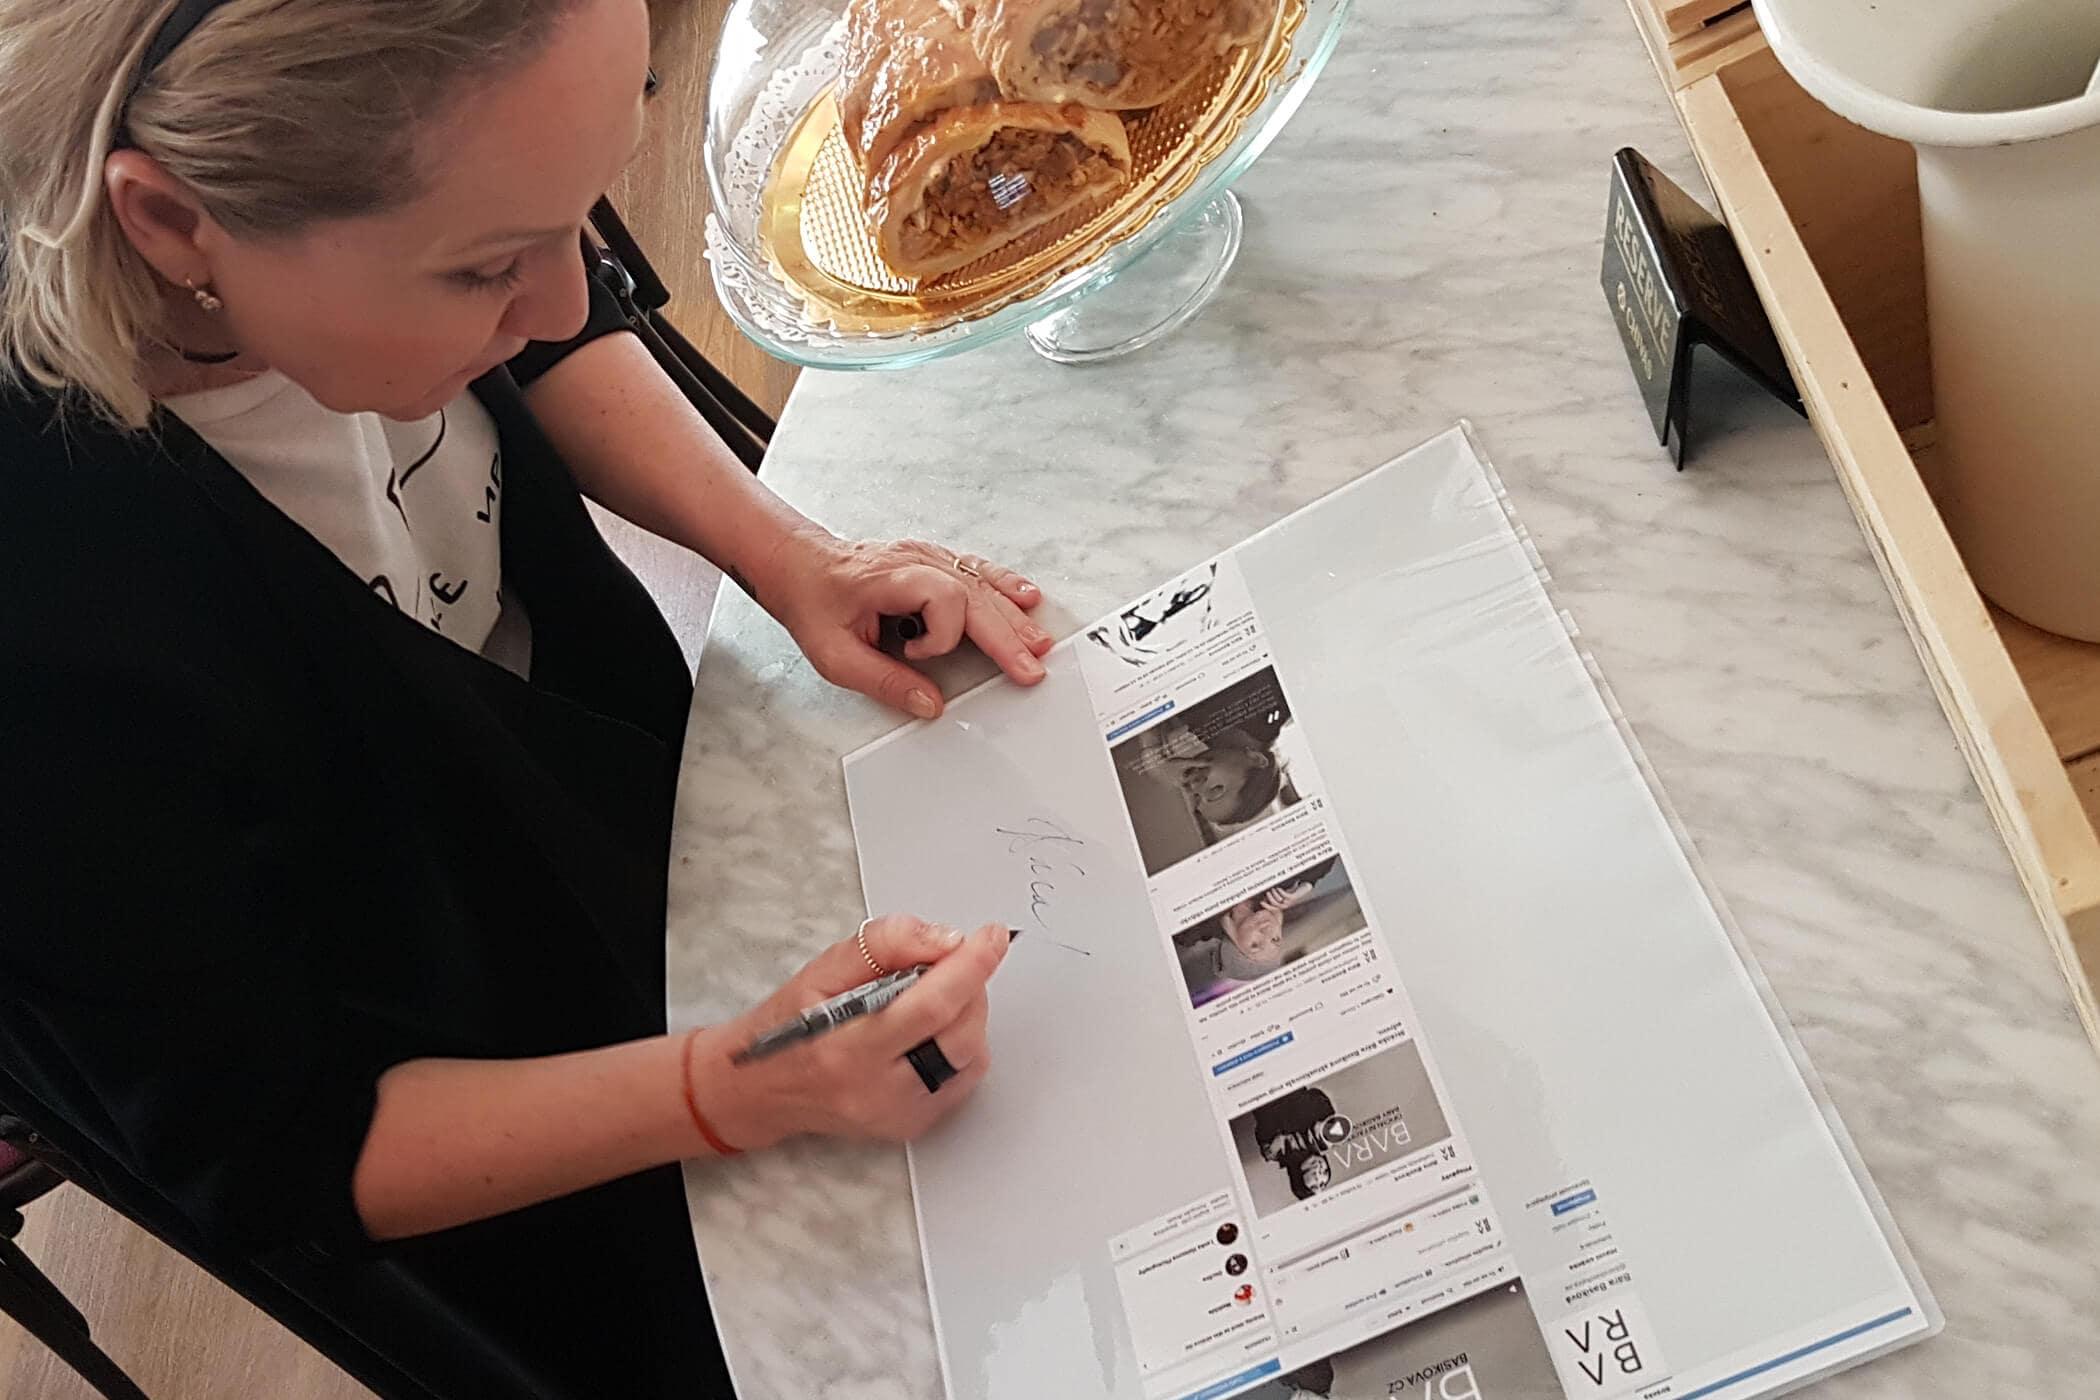 Bára podpisem stvrzuje start své oficiální facebookové strínky a webu